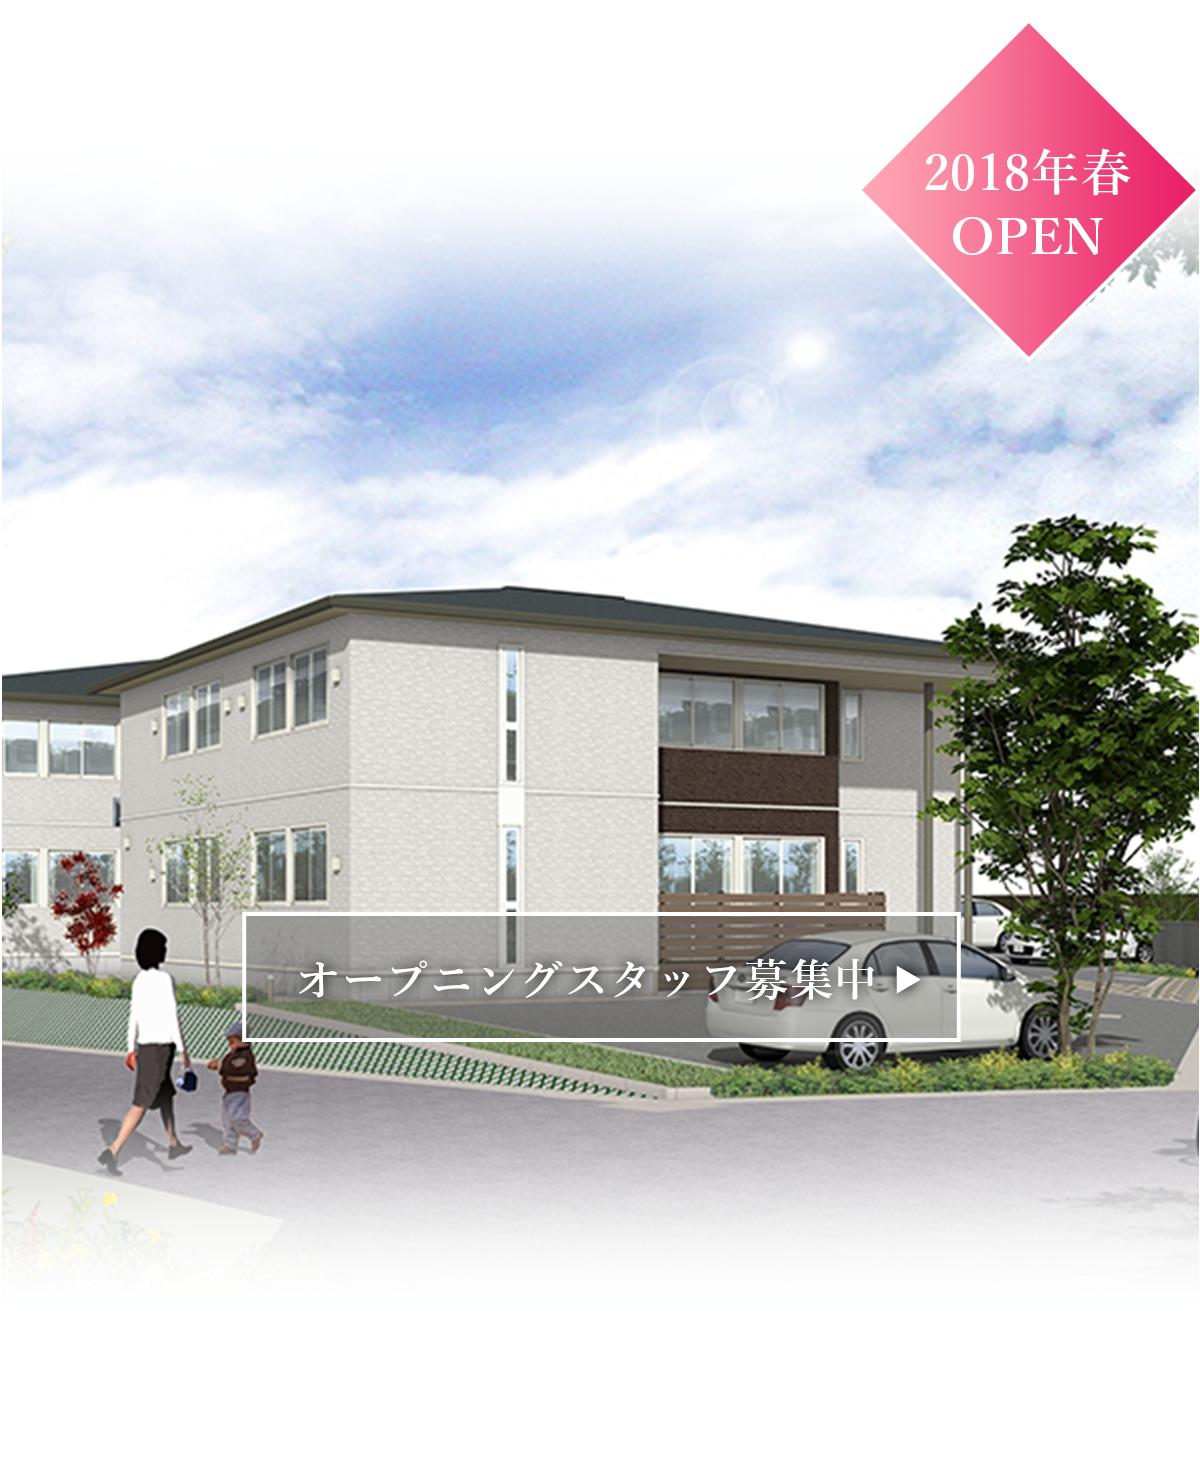 仙台市泉区に新しい介護施設がオープンします。